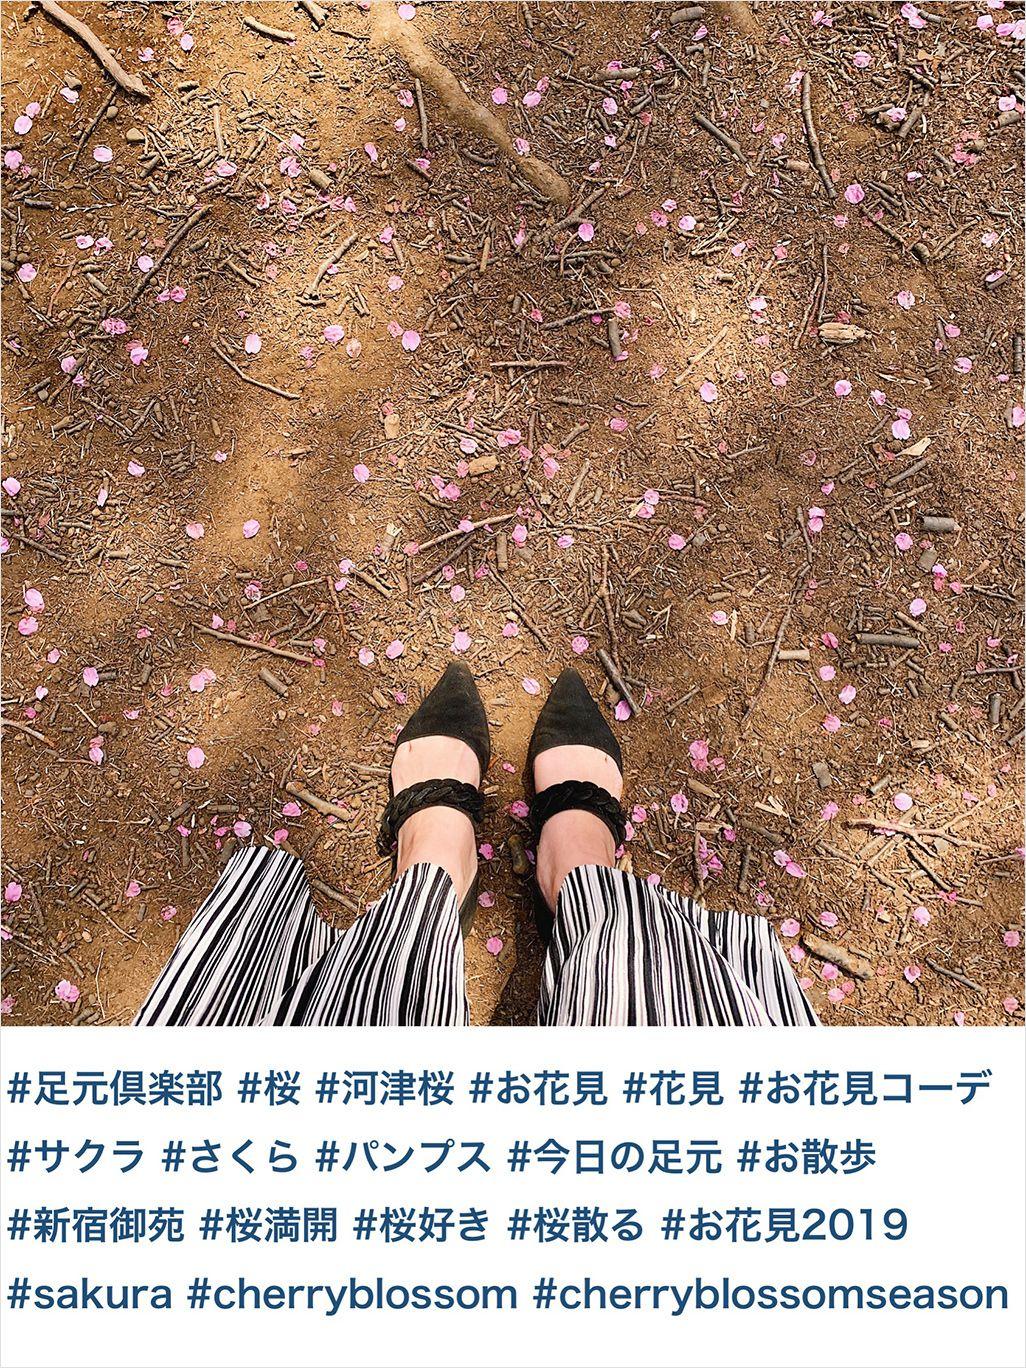 桜写真のハッシュタグ例